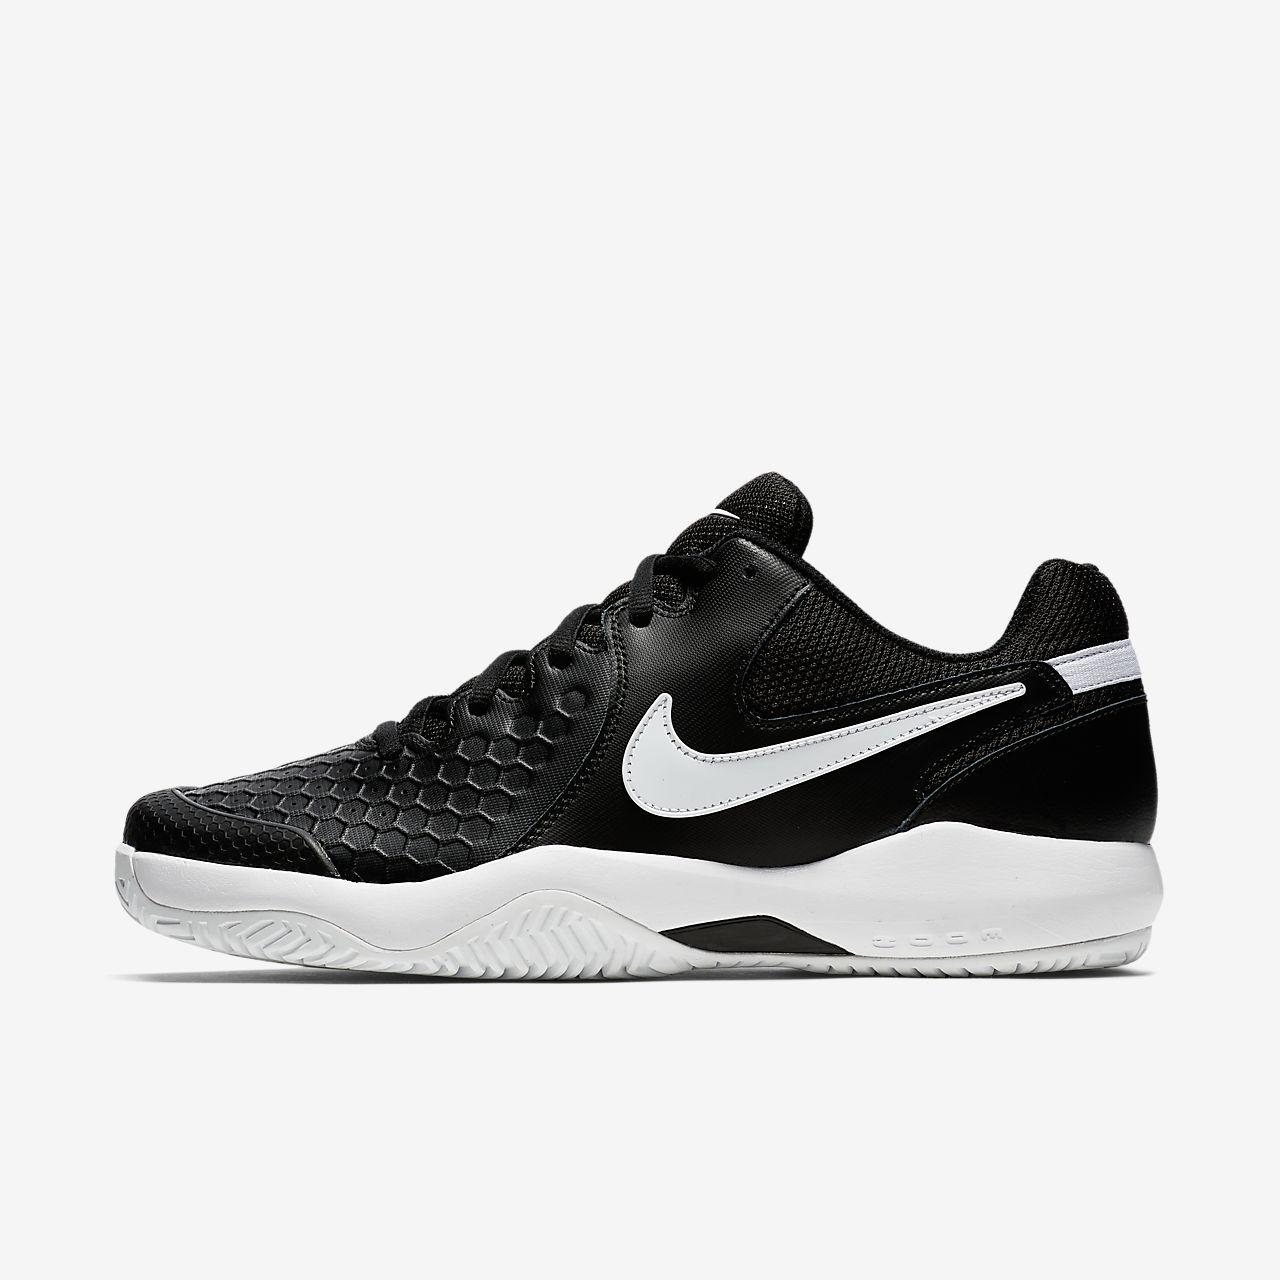 Nike - Chaussures De Sport De Résistance Air Zoom - Hommes - Chaussures - Noir - 42,5